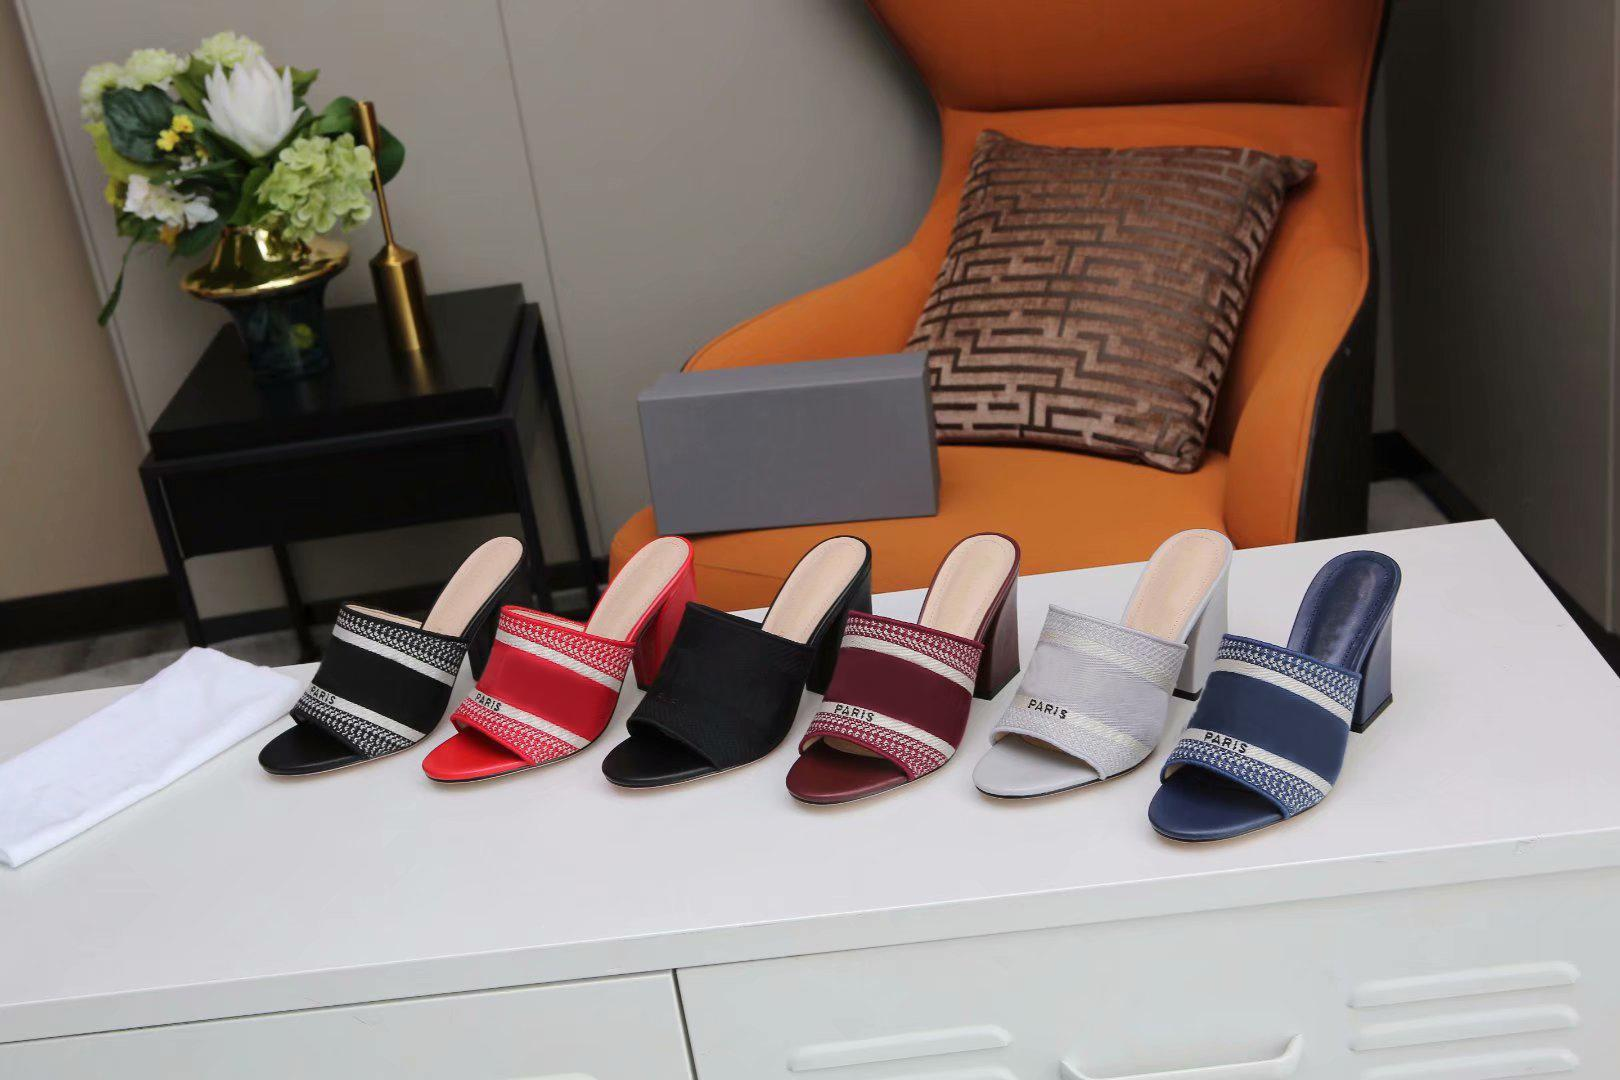 Le nuove donne Summer Tacchi alti Pantofole Sandali a righe Sandali a strisce Scuffs Casual Scuffs Block Sandali con tacco a blocchi Sandali all'aperto Lettere da pantofole